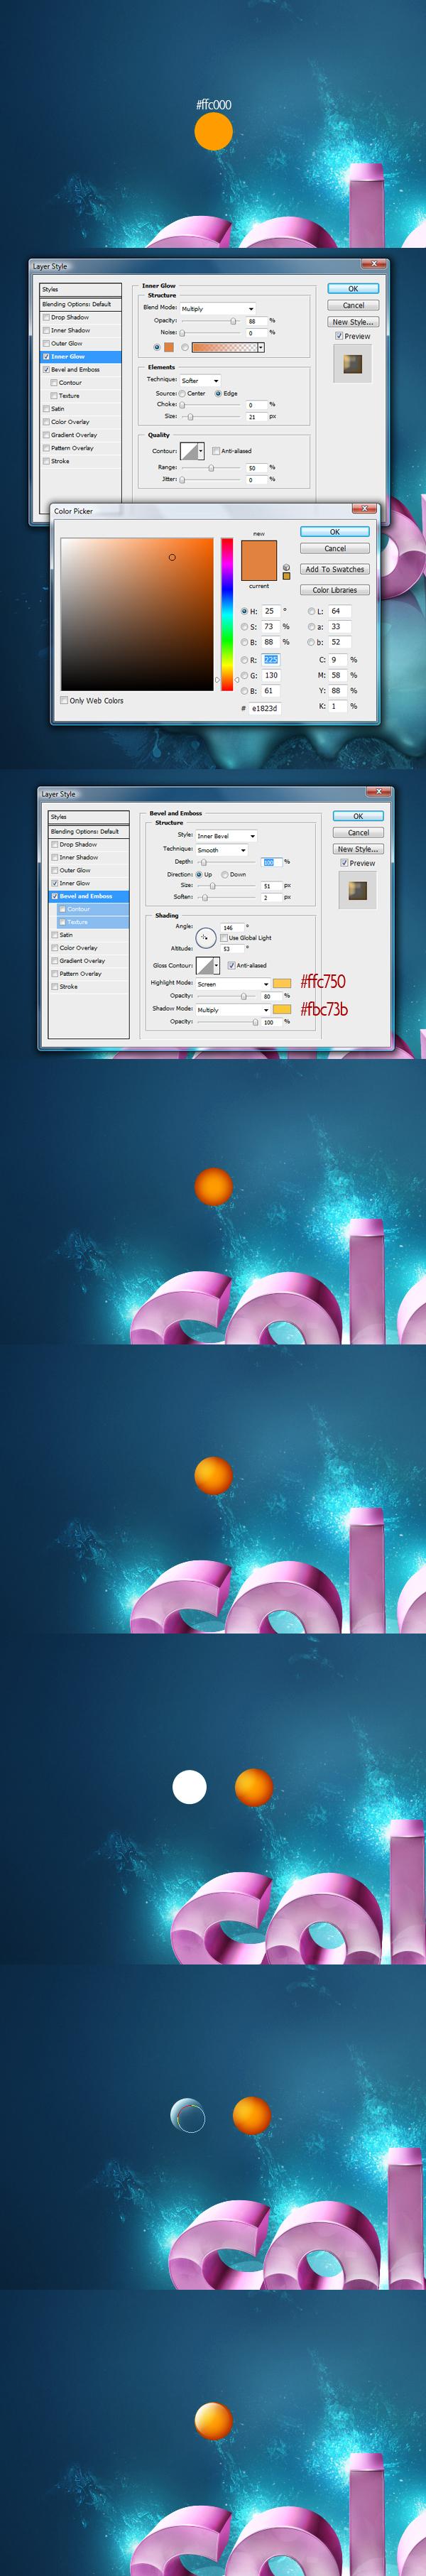 Các quả cầu màu